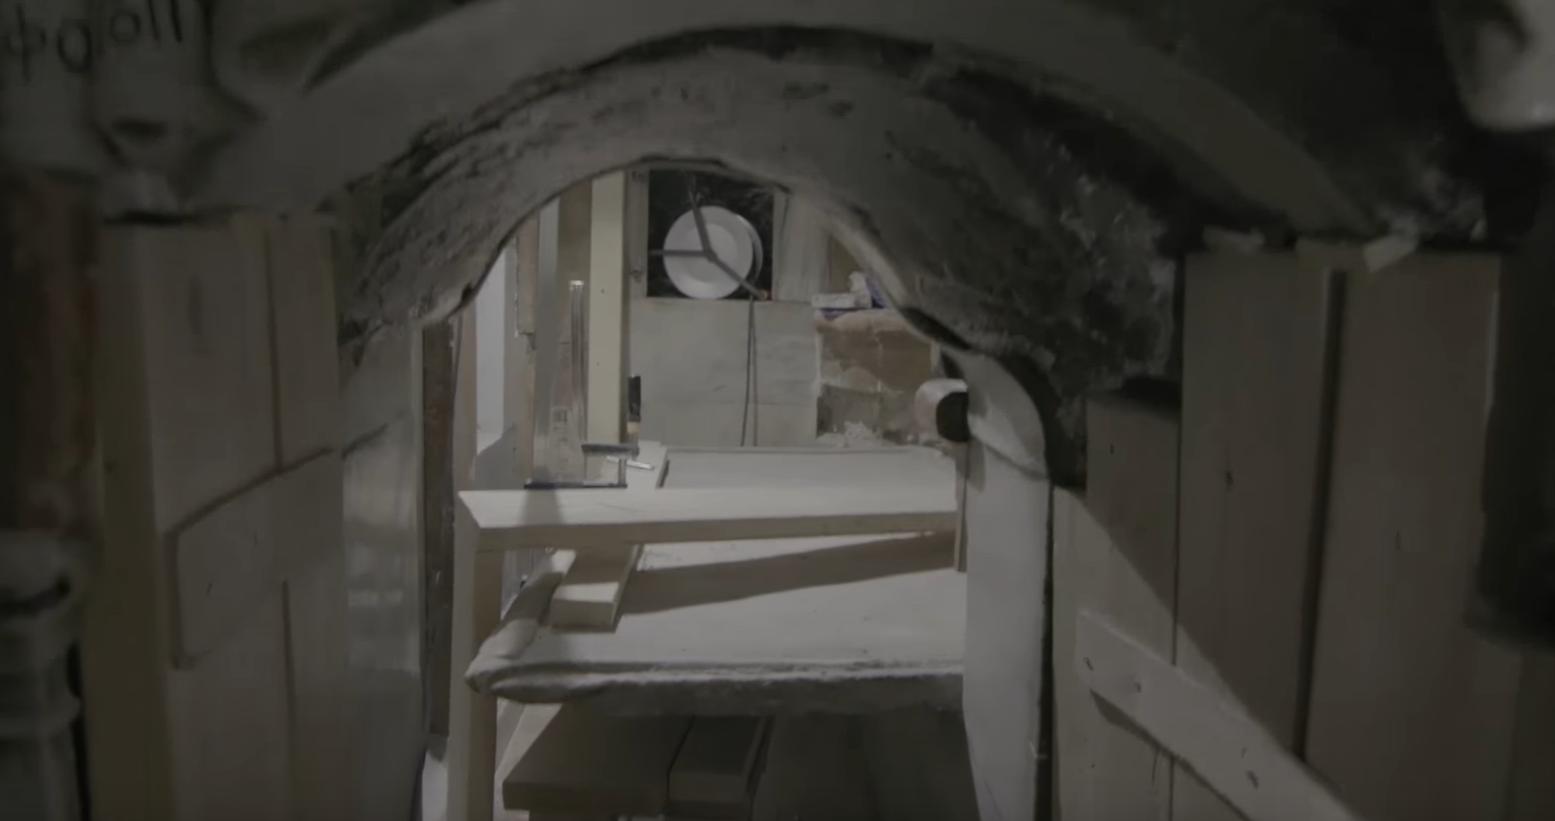 Nevjerojatno: Kristov je grob 1555. godine otvorio - Hrvat